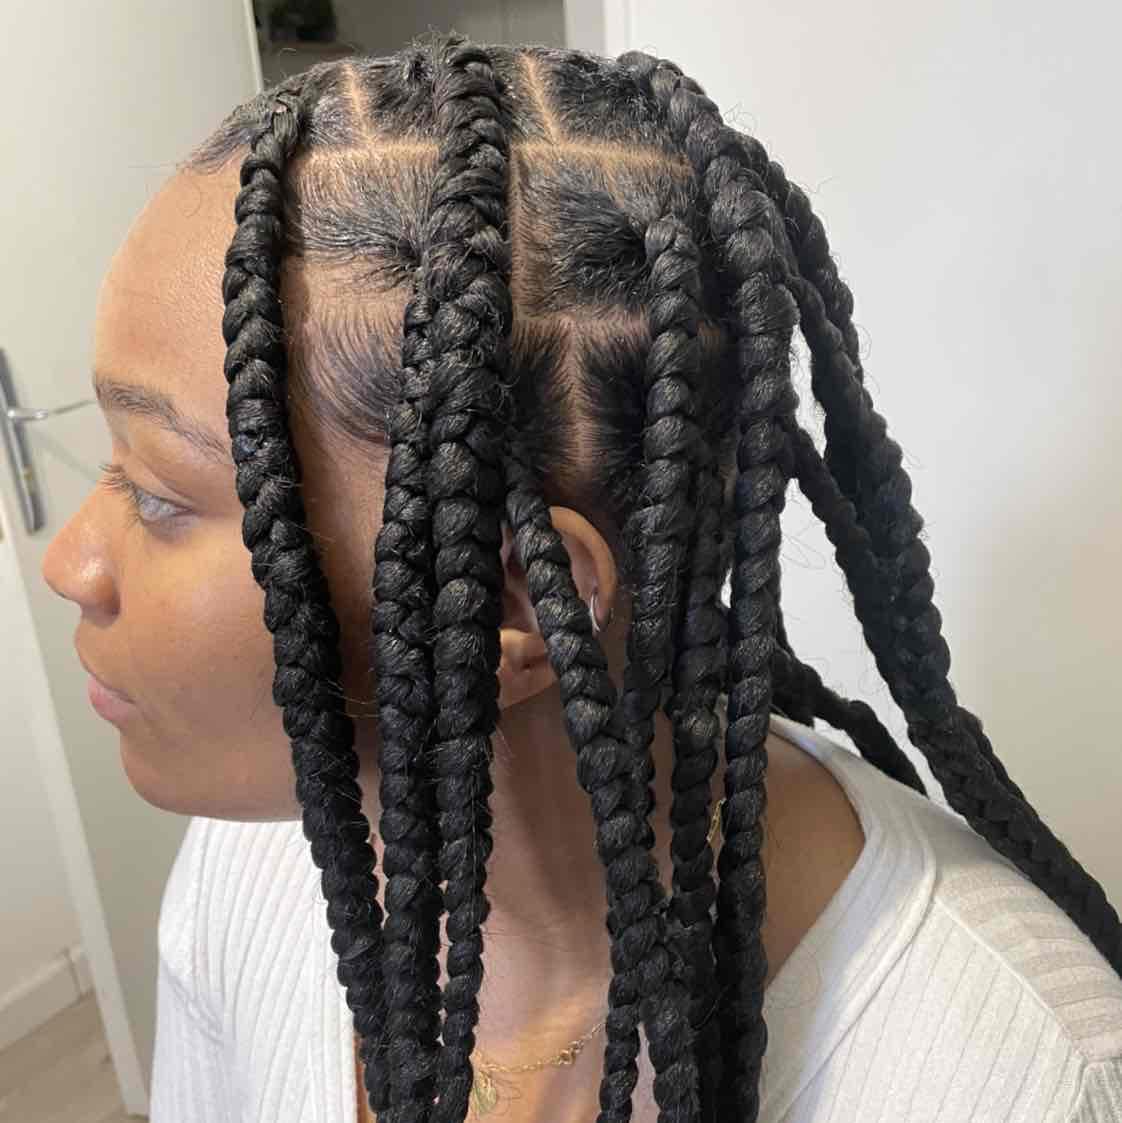 salon de coiffure afro tresse tresses box braids crochet braids vanilles tissages paris 75 77 78 91 92 93 94 95 BHCTBCDC